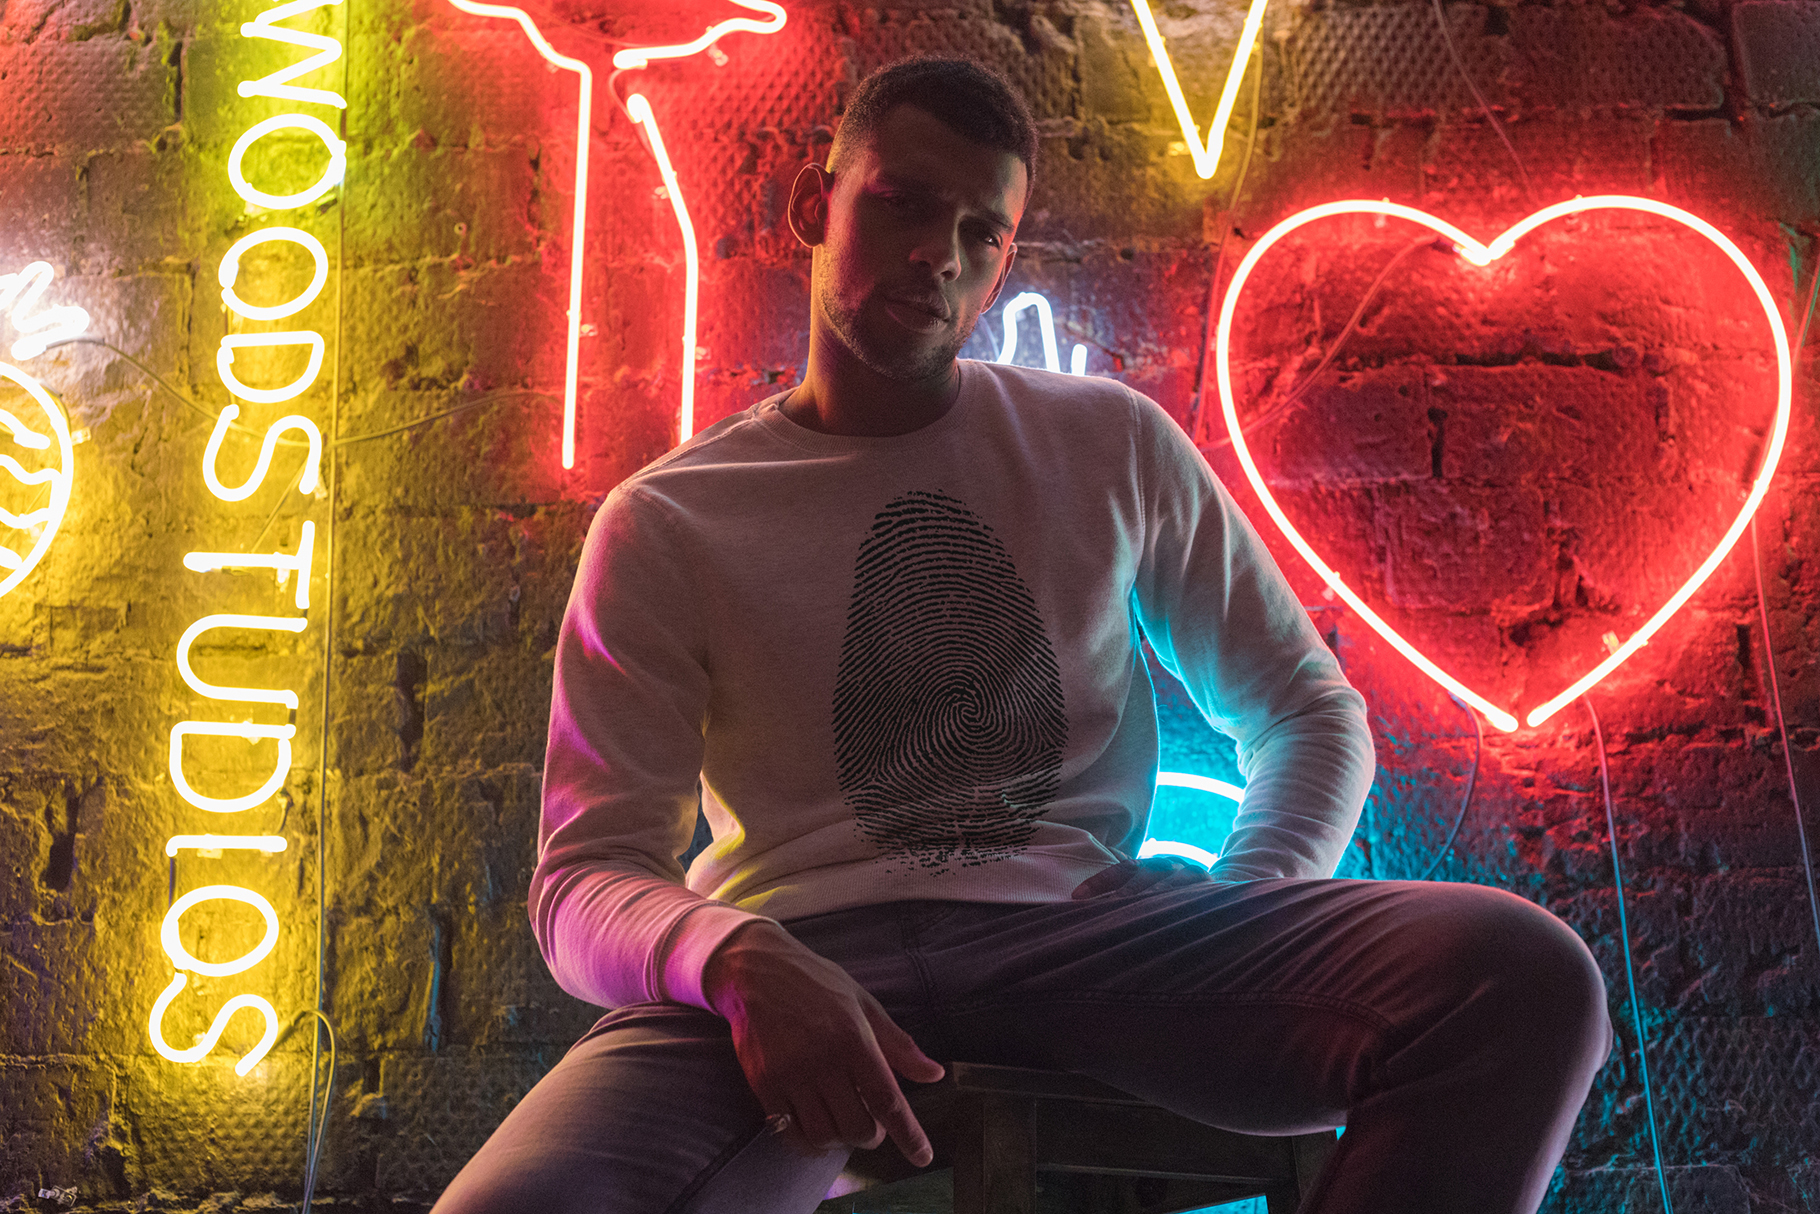 Sweatshirt Mock-Up 2018 #33 example image 6